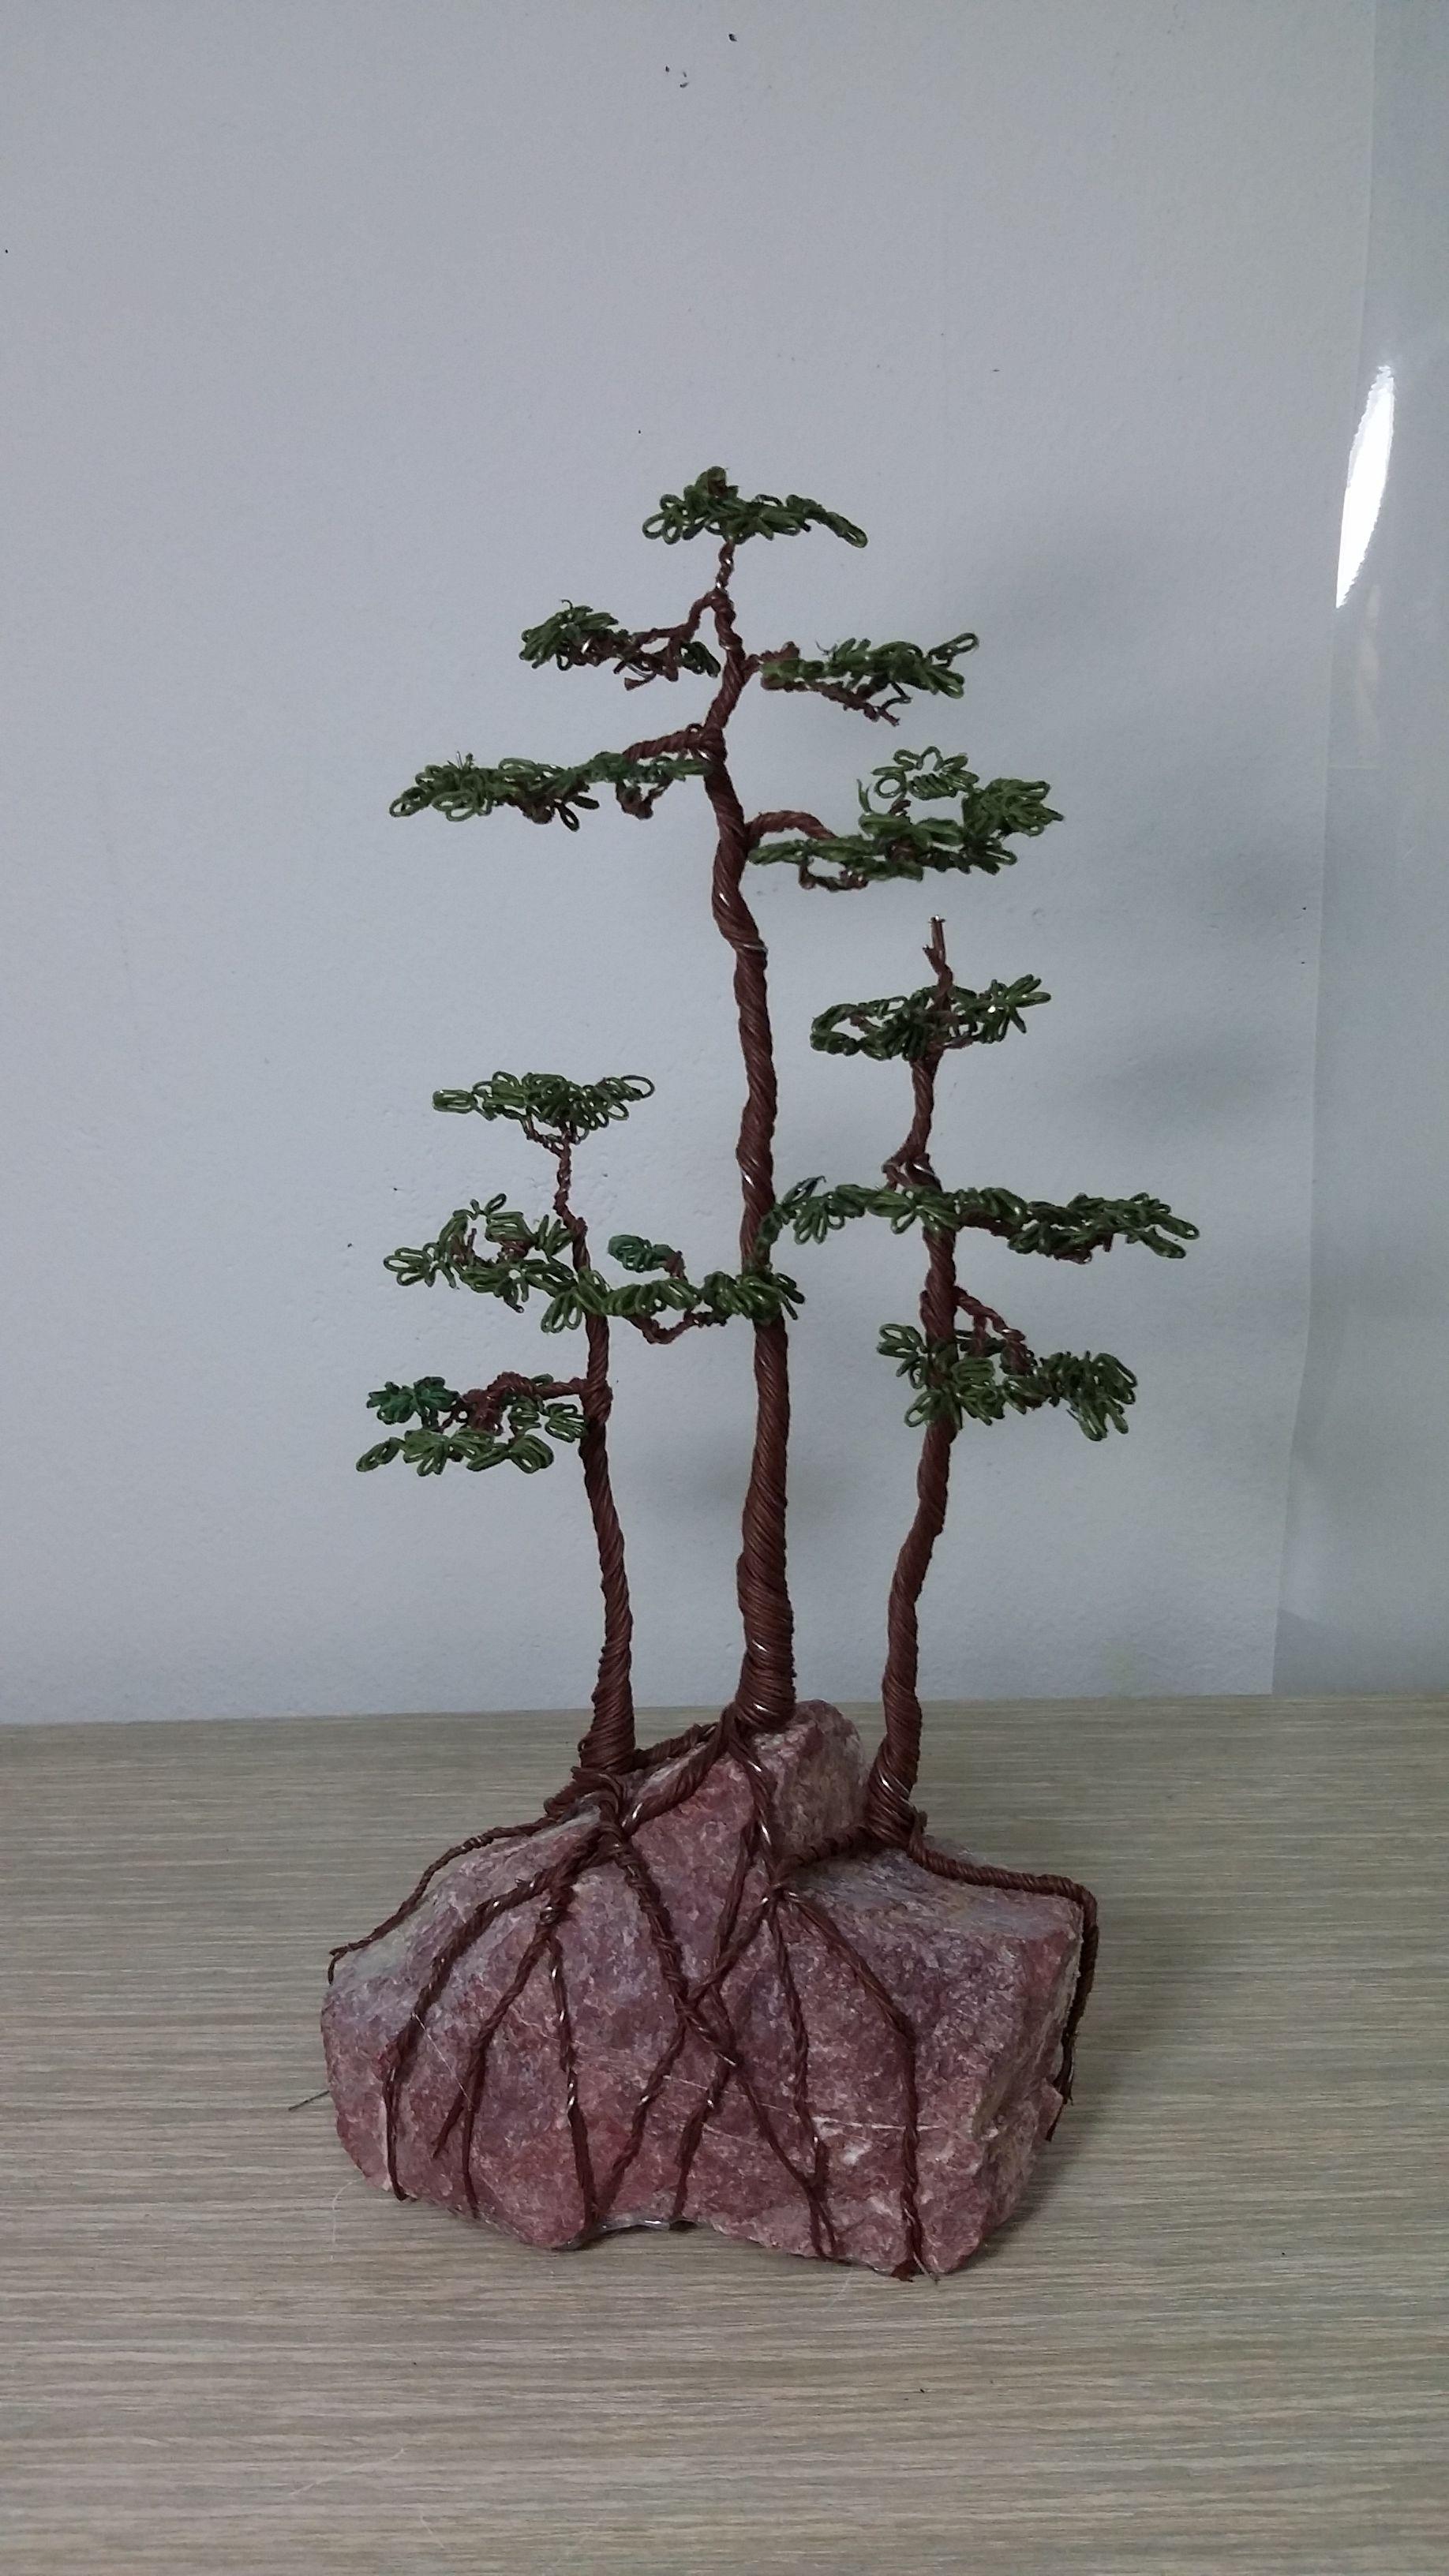 Pin von javier auf figuras de bonsai | Pinterest | 3d, Baum und Perlen